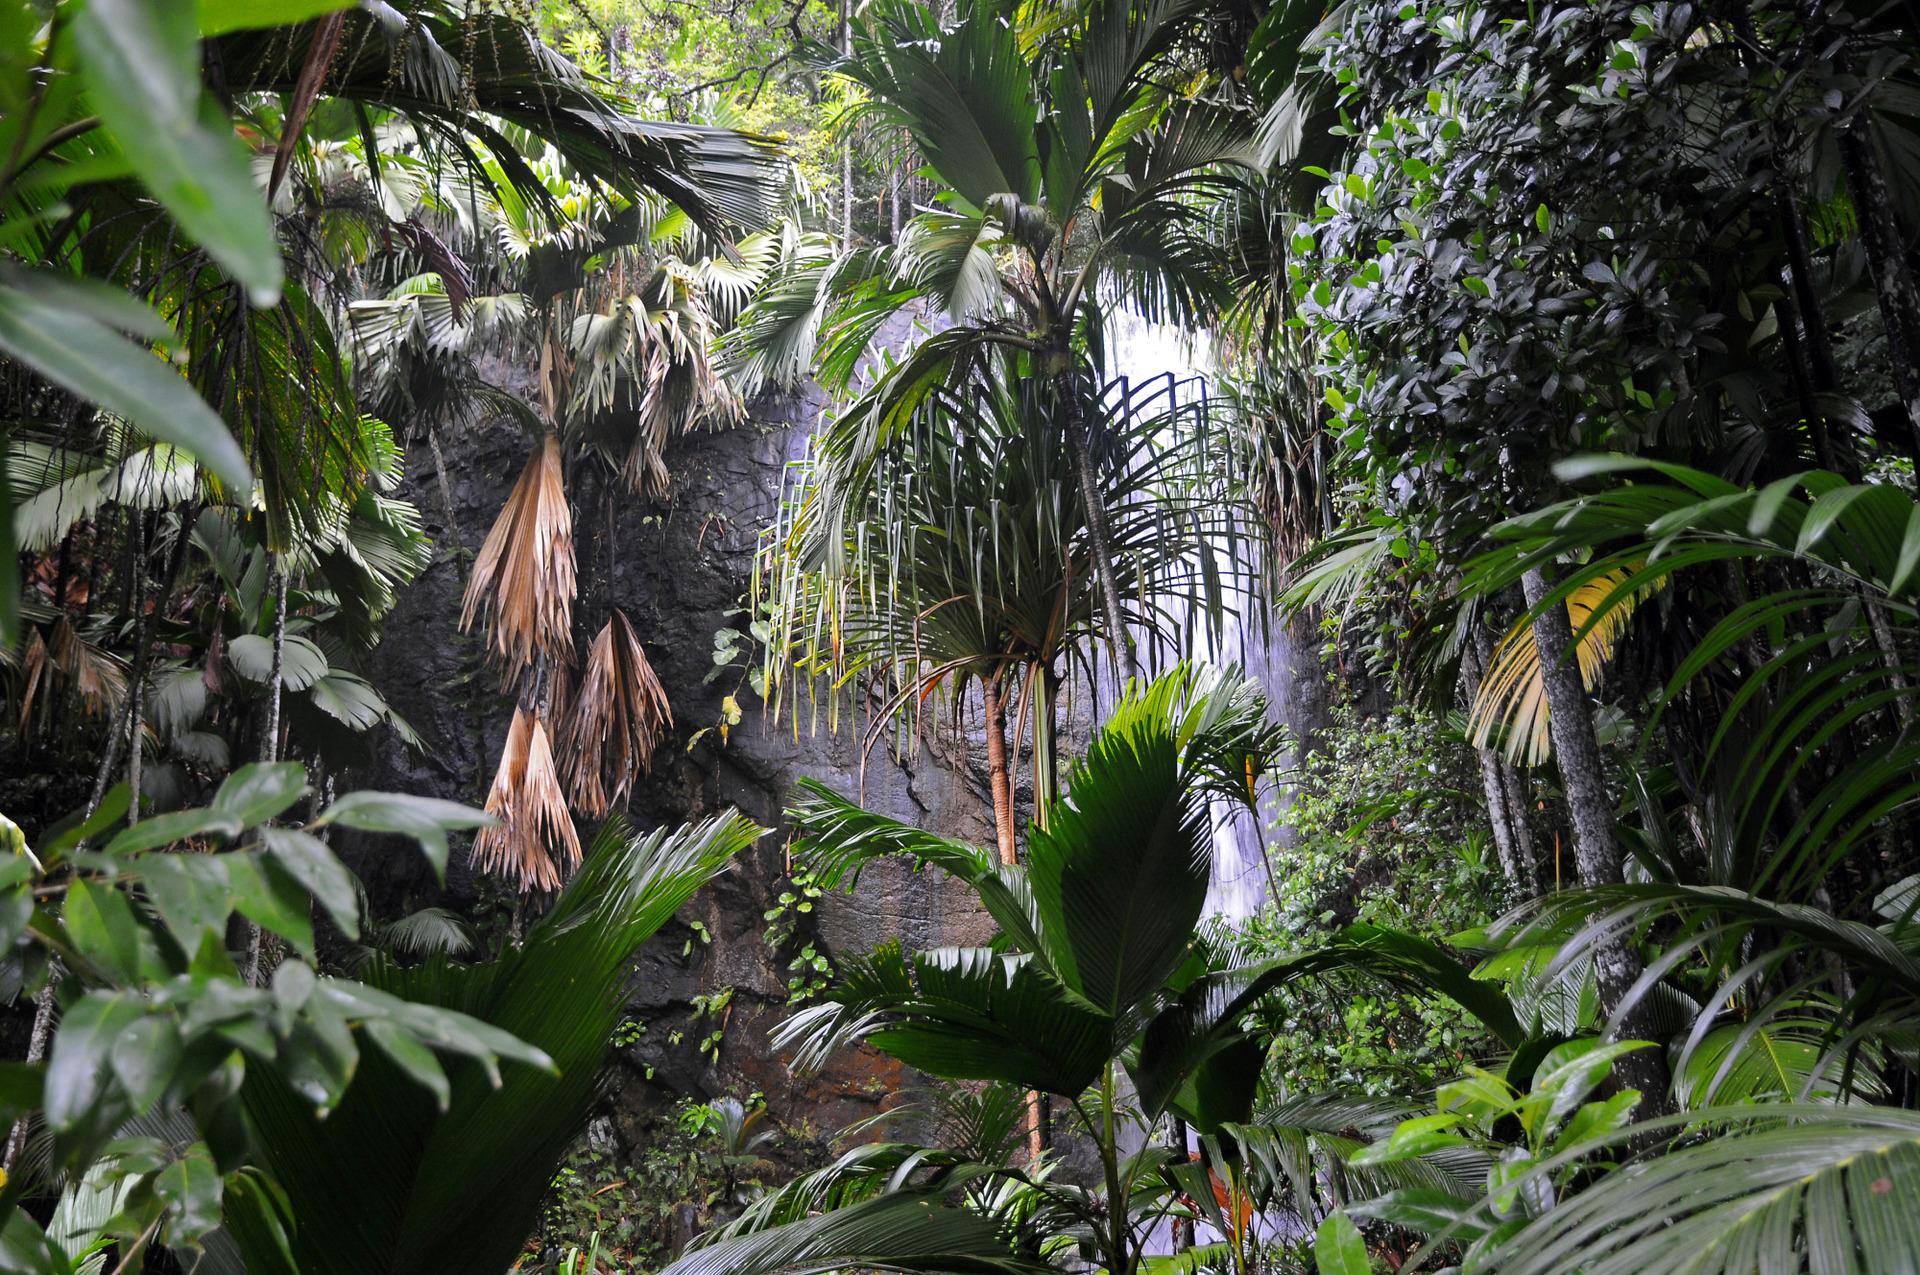 Рядом с отелем расположен природный парк Валле-де-Мэ, внесенный в список Всемирного наследия ЮНЕСКО